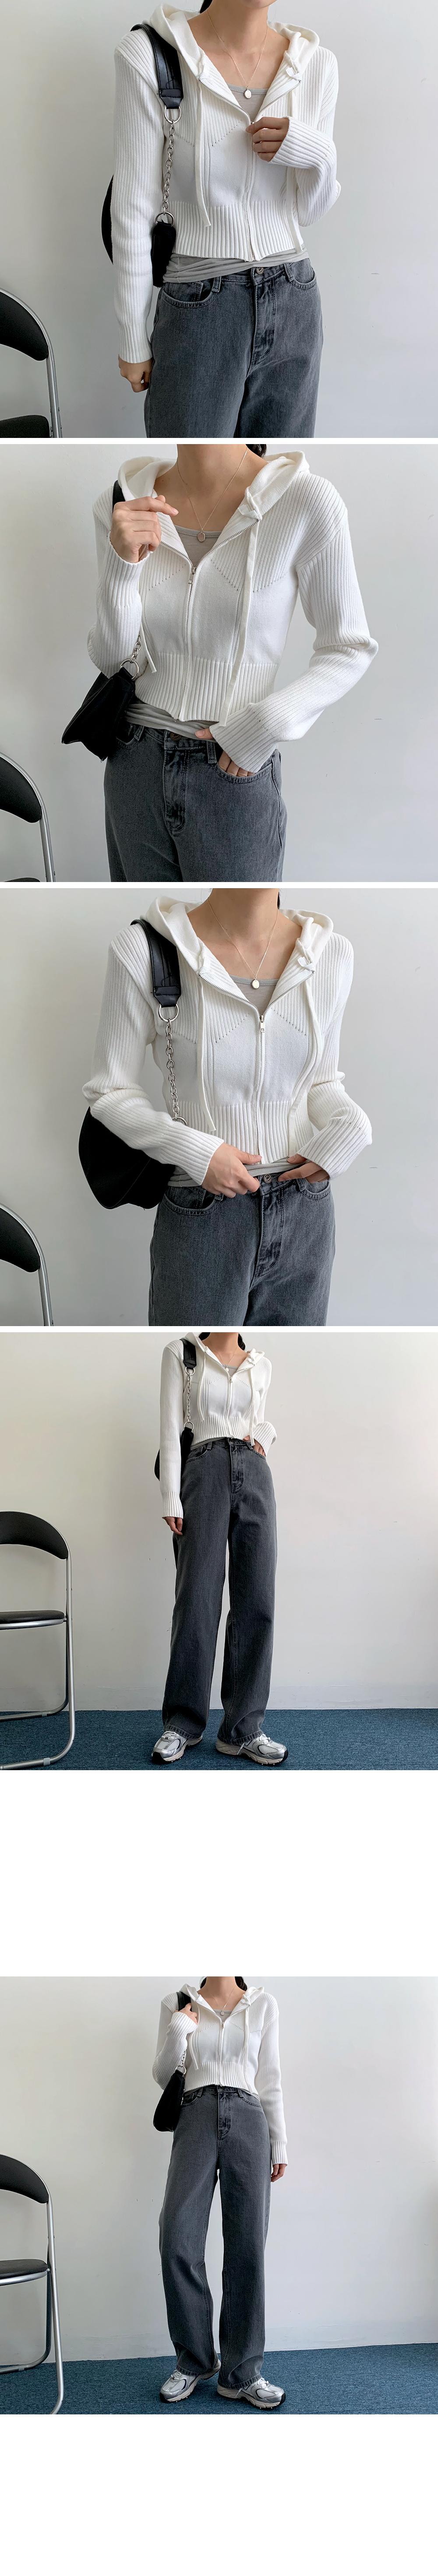 Jetty Crop Hood Knitwear Zip-Up